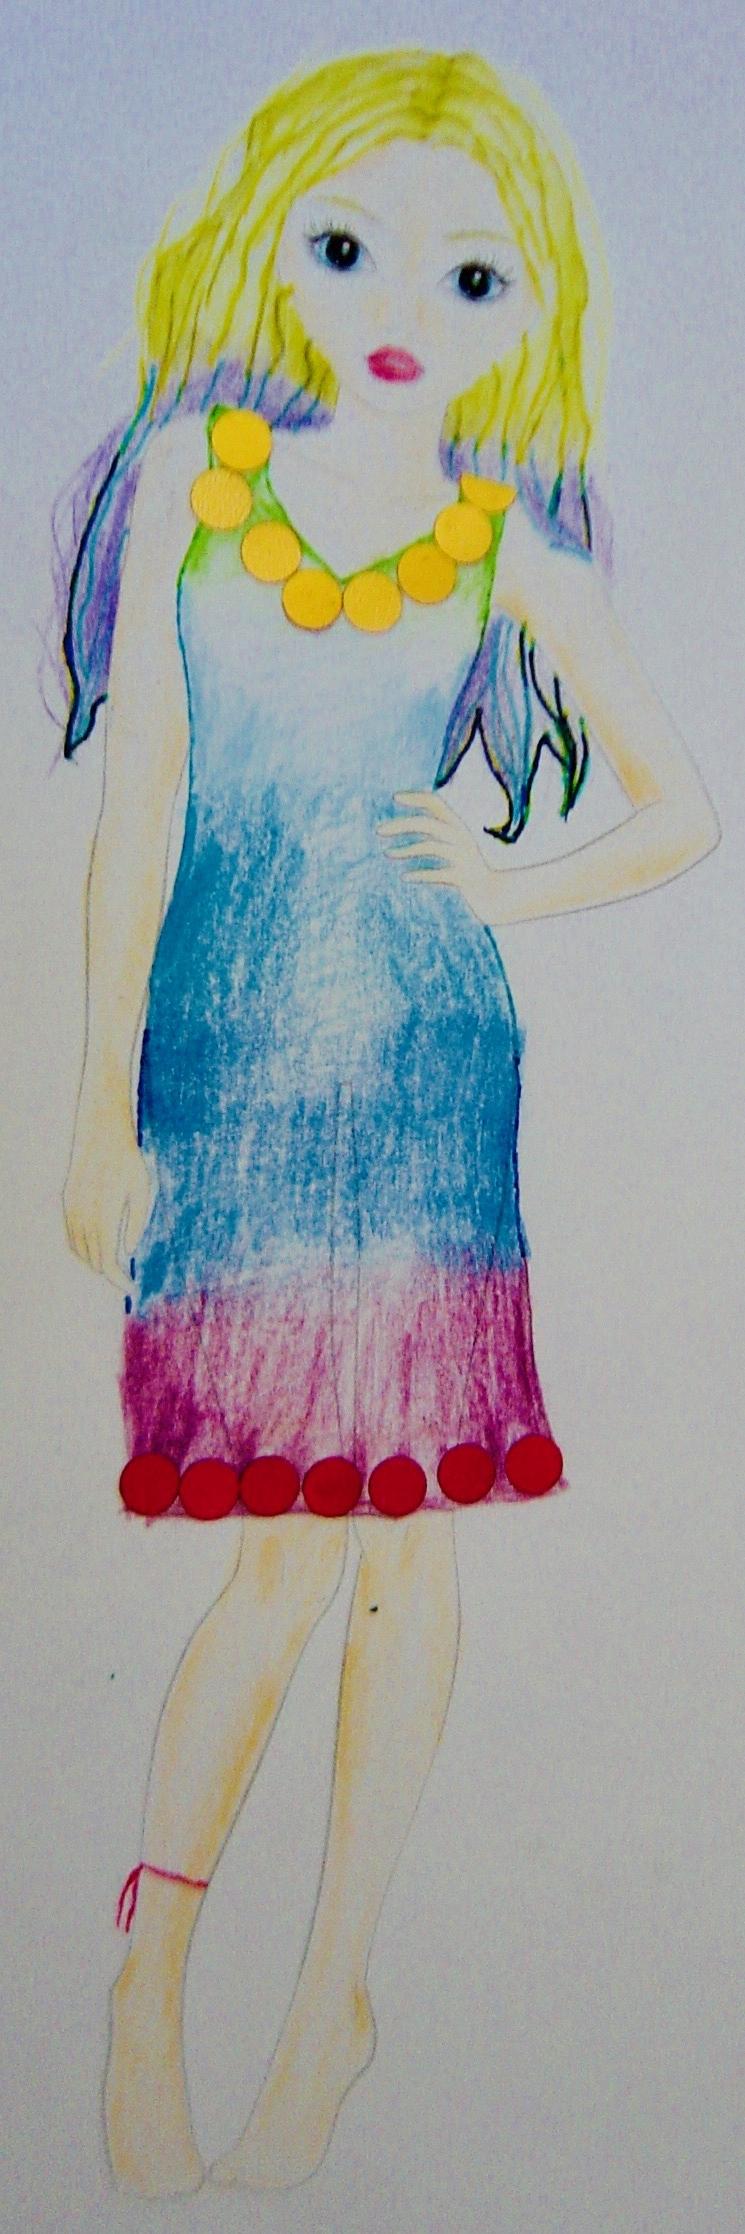 Madita R., 12 Jahre, aus Dorsten